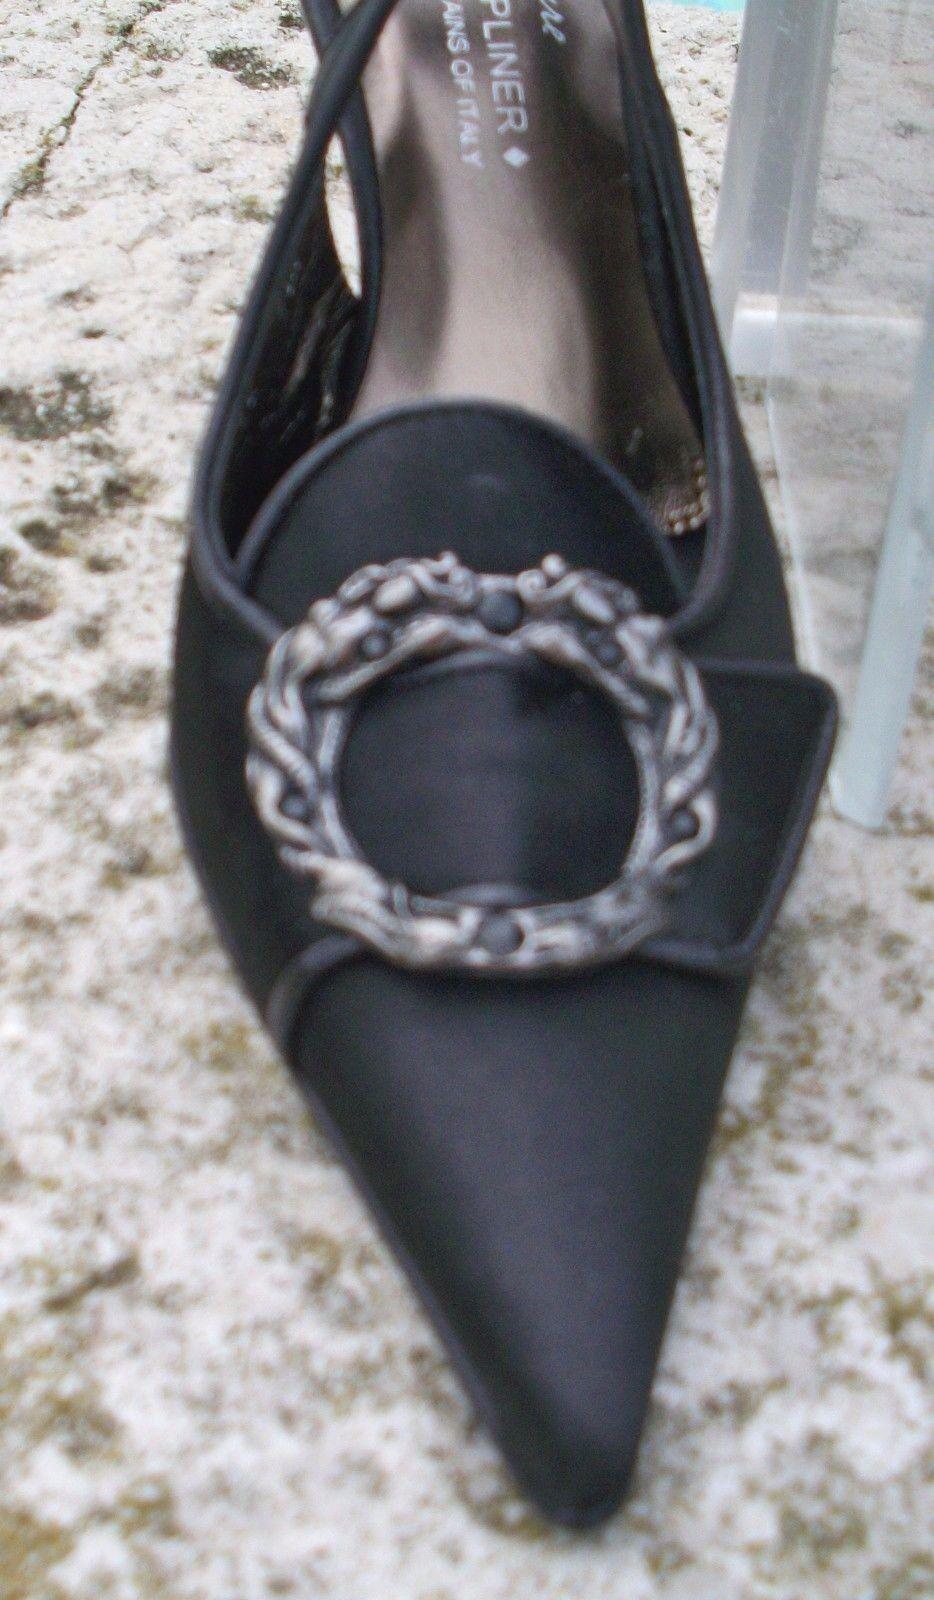 Donald Pliner Couture Raso Zapato Nuevo De Cuero Charol Nuevo Zapato 6.5 Diamantes de Imitación  310 ae4a72